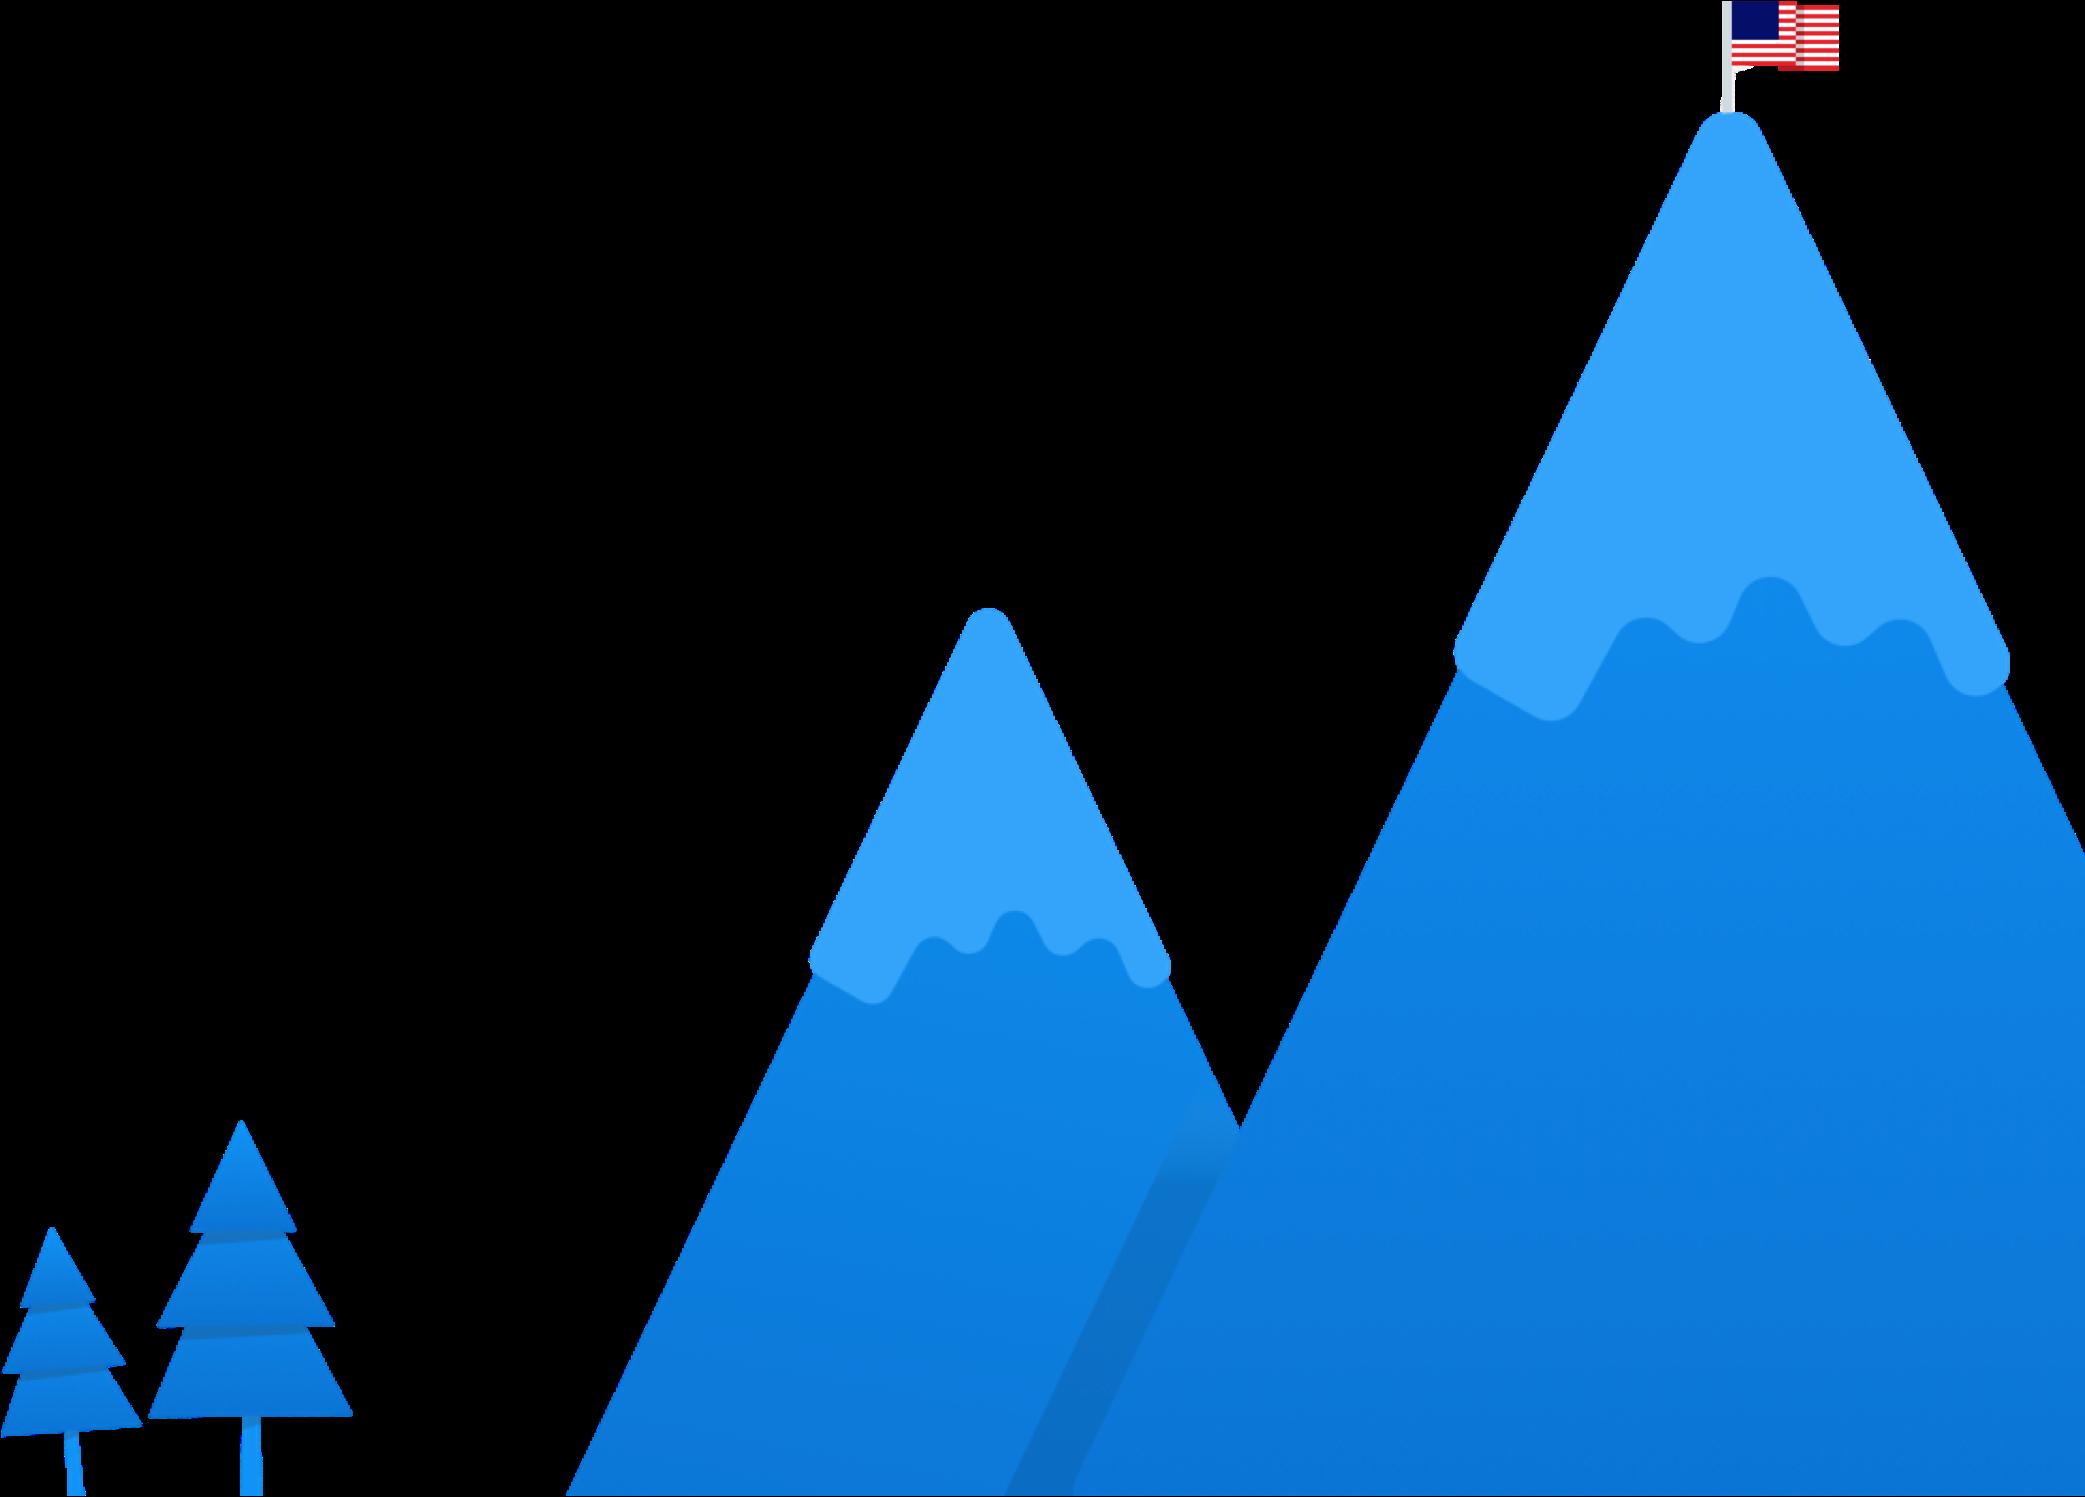 The Seamless Mountain